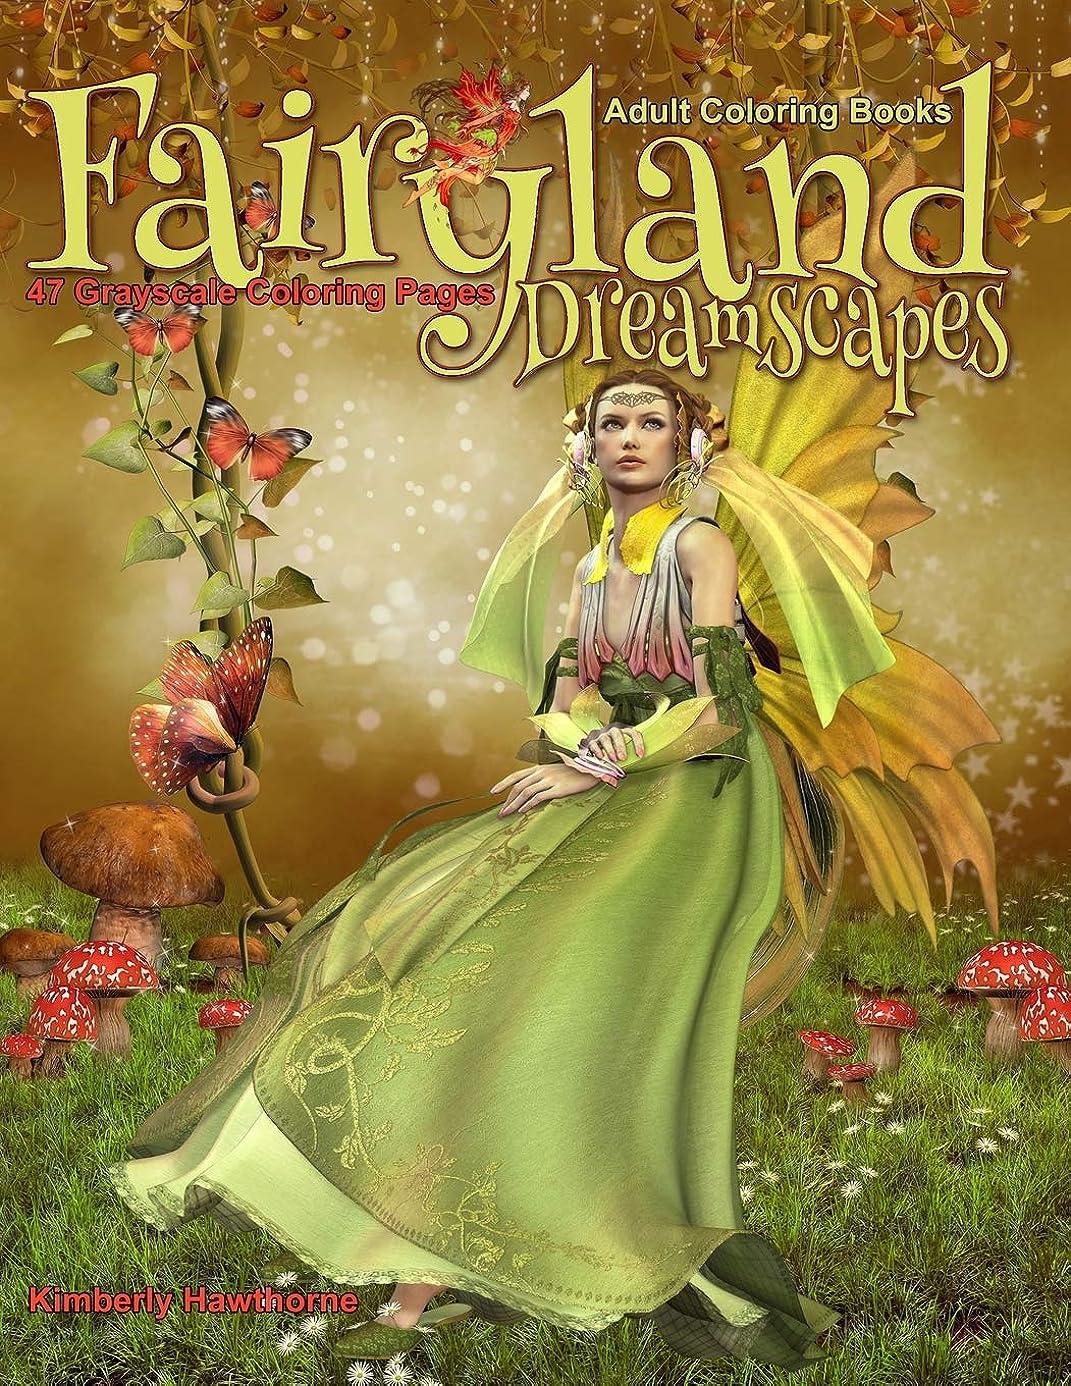 朝休みコンピューターゲームをプレイするAdult Coloring Books Fairyland Dreamscapes: Life Escapes Adult Coloring Books 47 grayscale coloring pages of magical, mystical, marvelous Fairies with enhanced detail for easier coloring